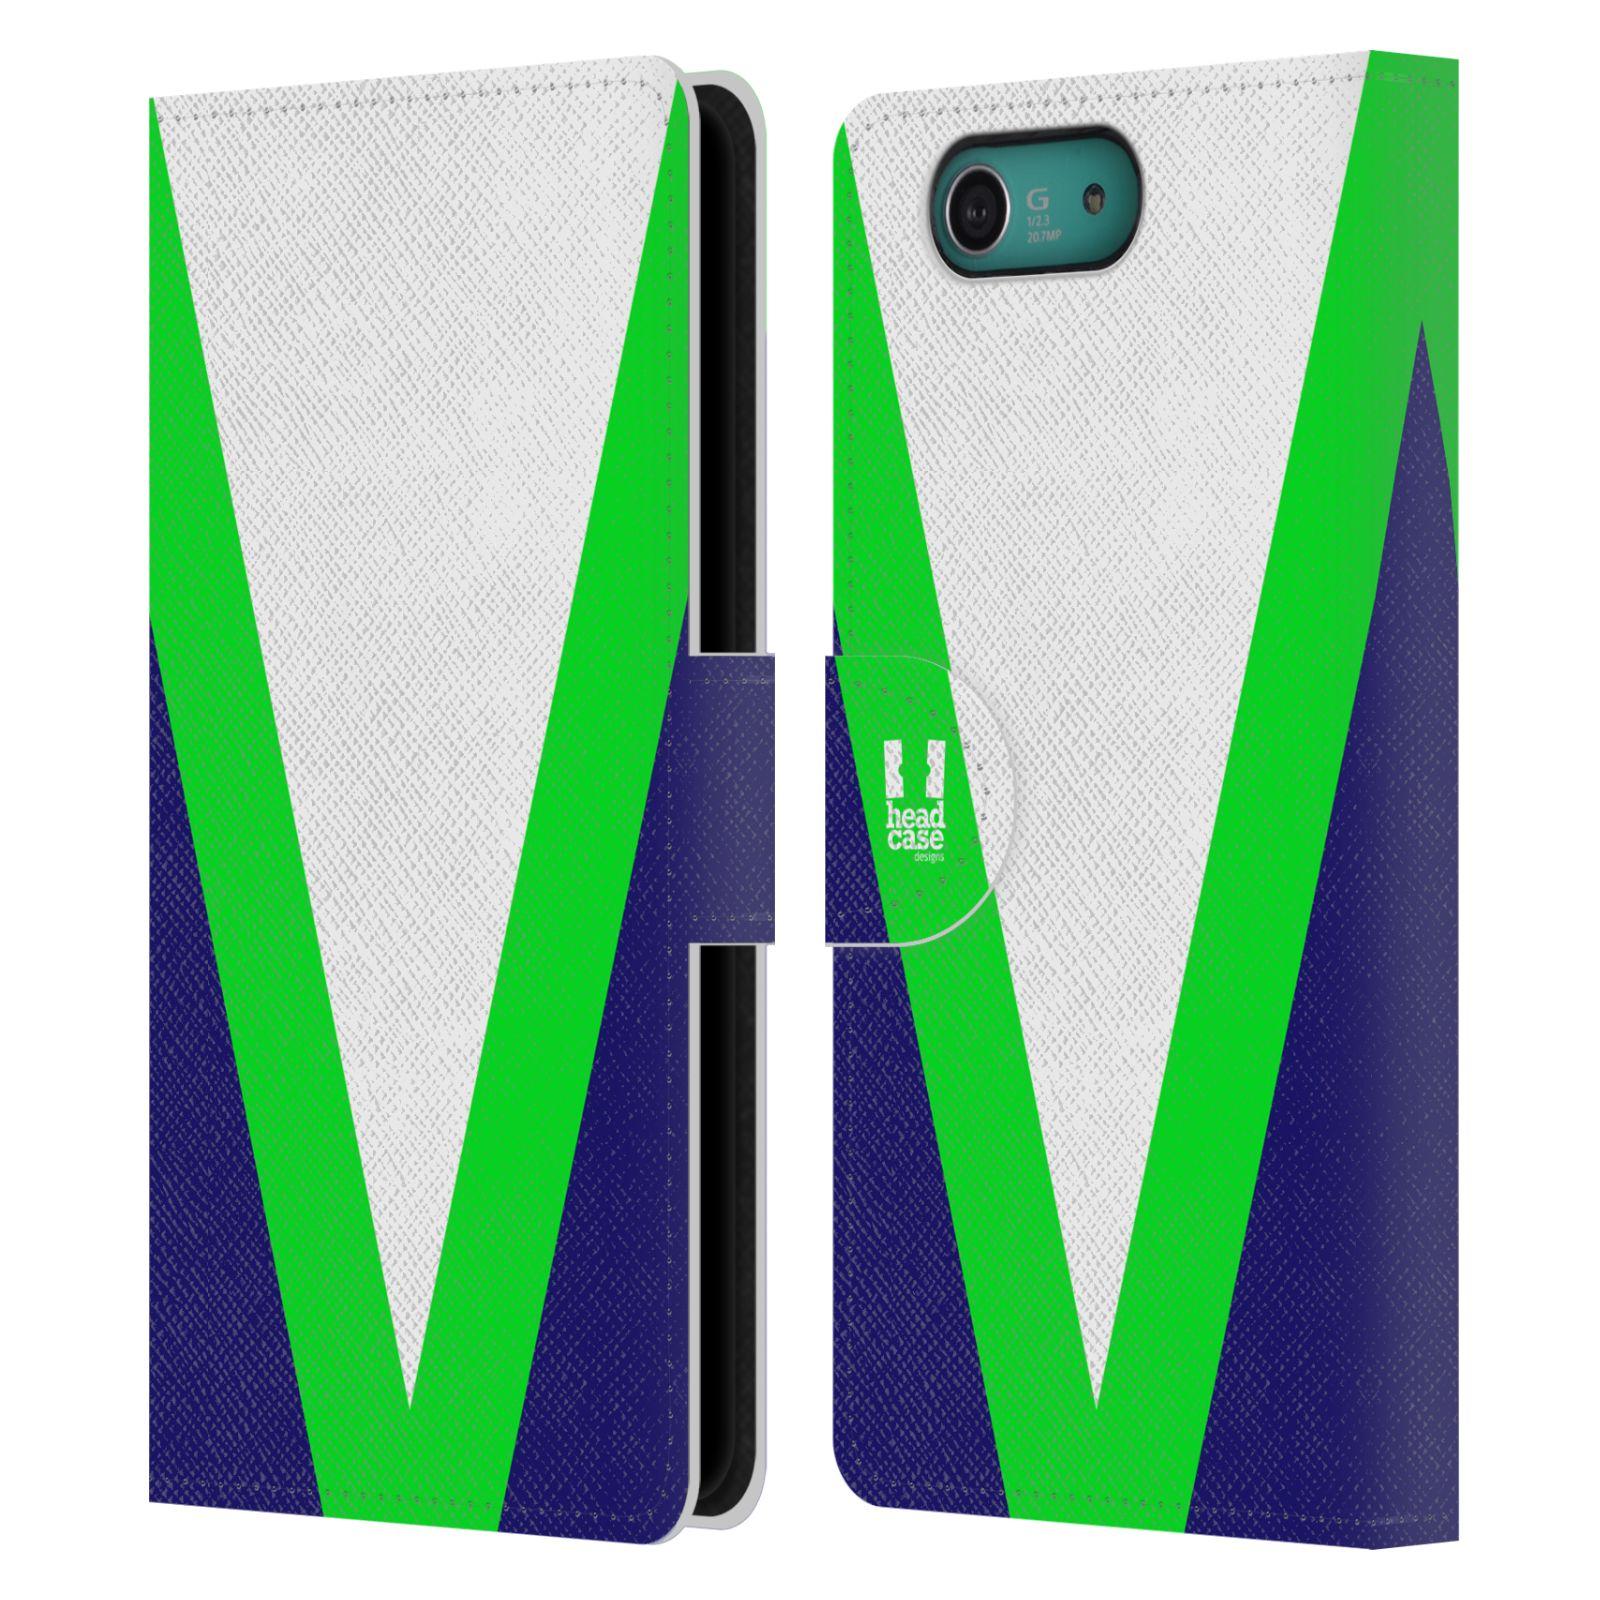 HEAD CASE Flipové pouzdro pro mobil SONY XPERIA Z3 COMPACT barevné tvary zelená a modrá